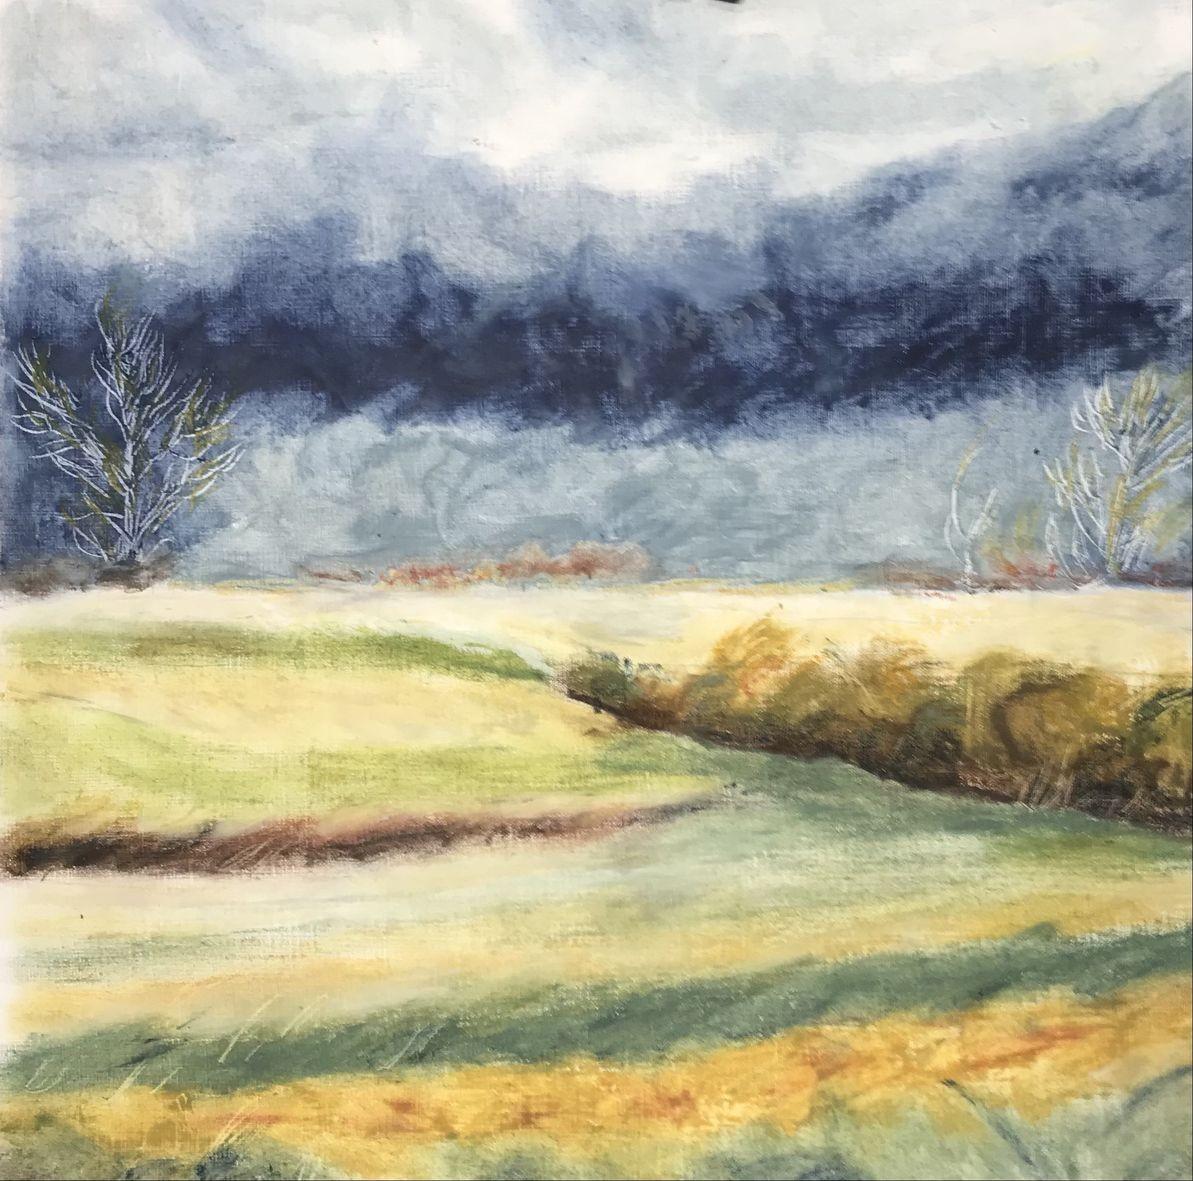 Michelle paysage de l astarac pastel gras 03 2021